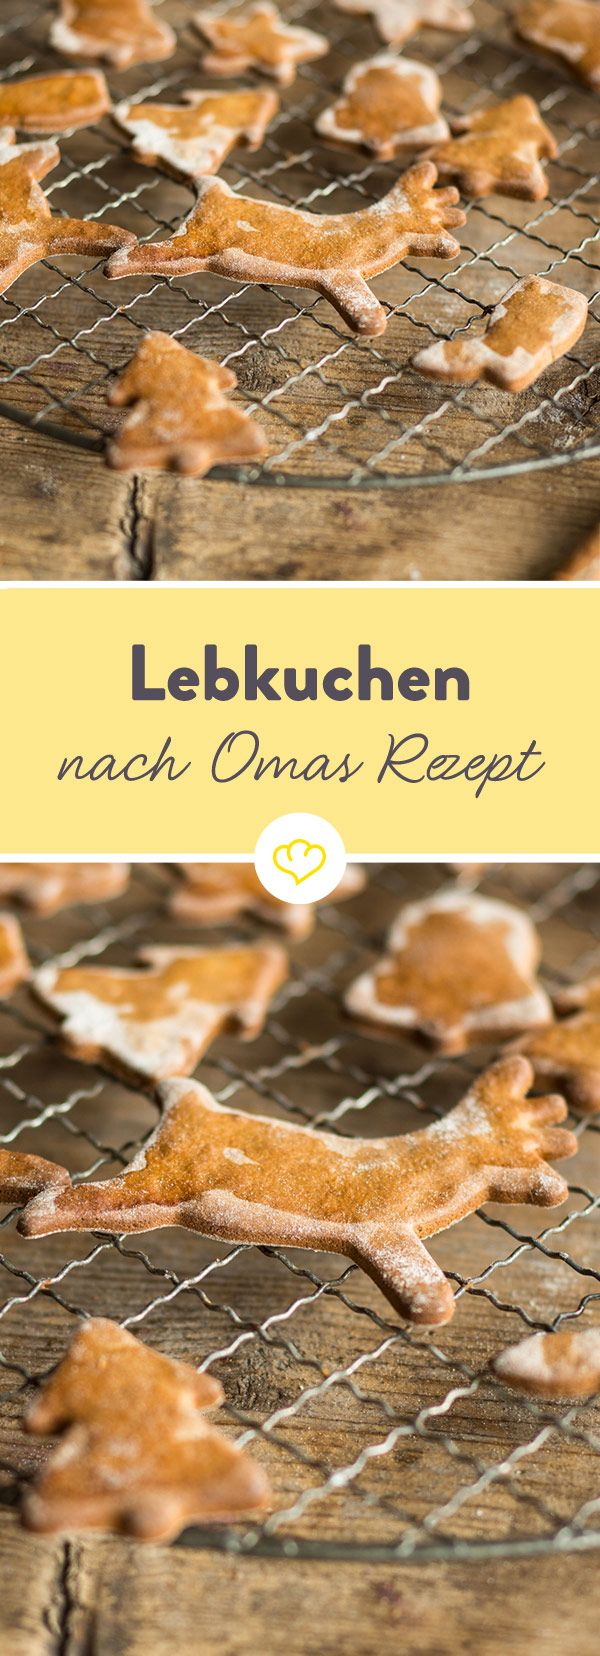 Ob Aachener Printen oder Nürnberger Lebkuchen - die Knusperkekse blicken auf eine lange Tradition zurück. Und sind mit vielen besonderen Zutaten gespickt.